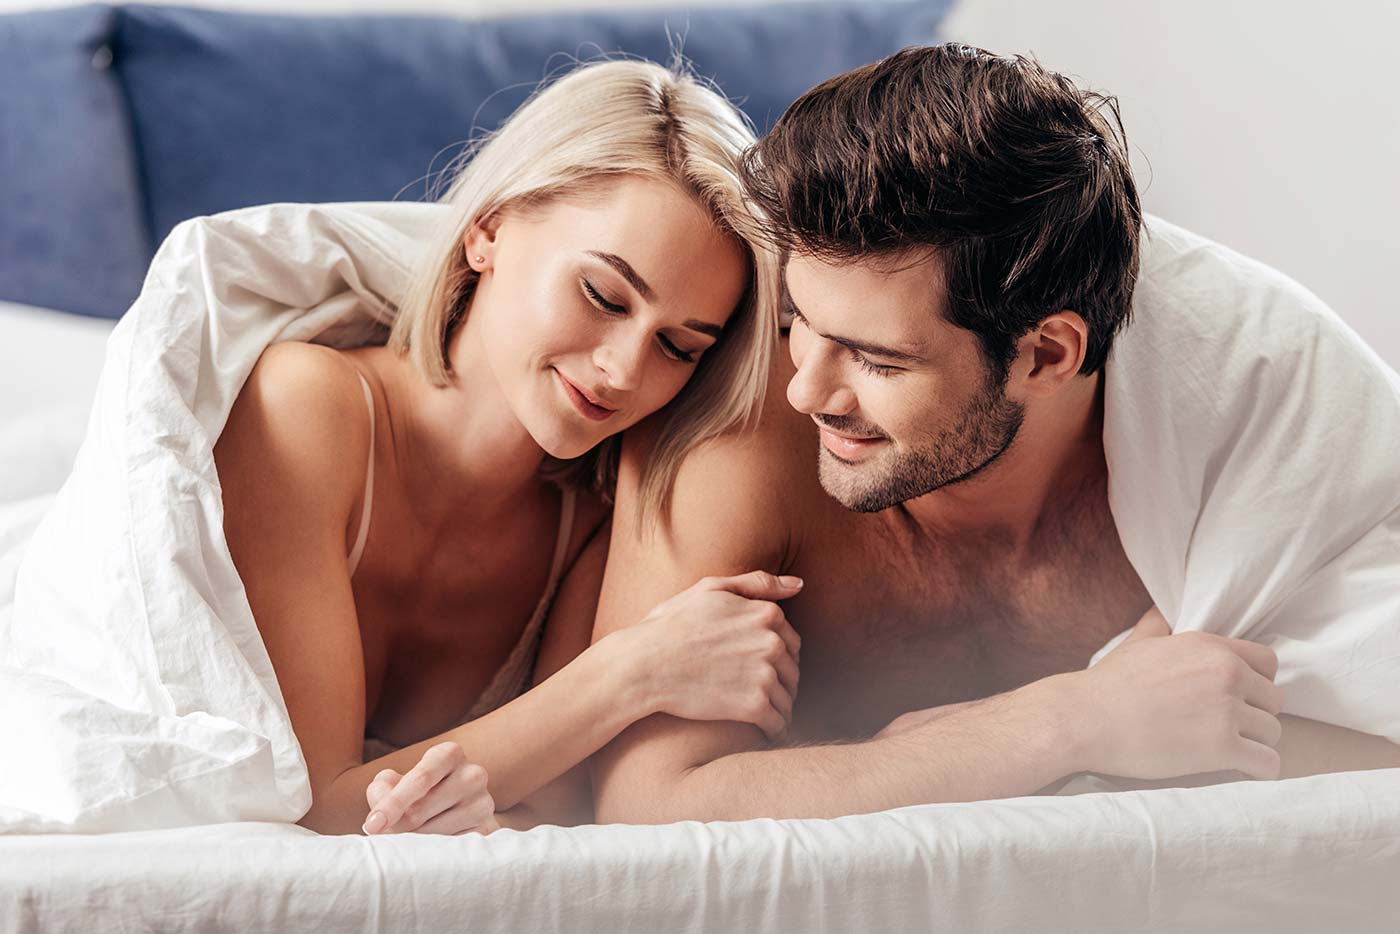 Γυναικεία Σεξουαλική Δυσλειτουργία